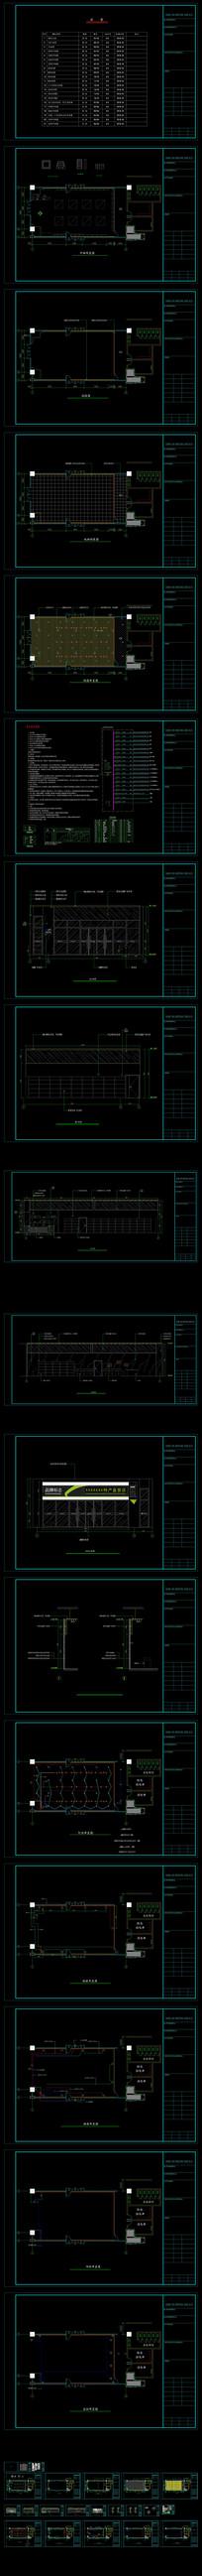 特产直销店全套CAD装饰设计